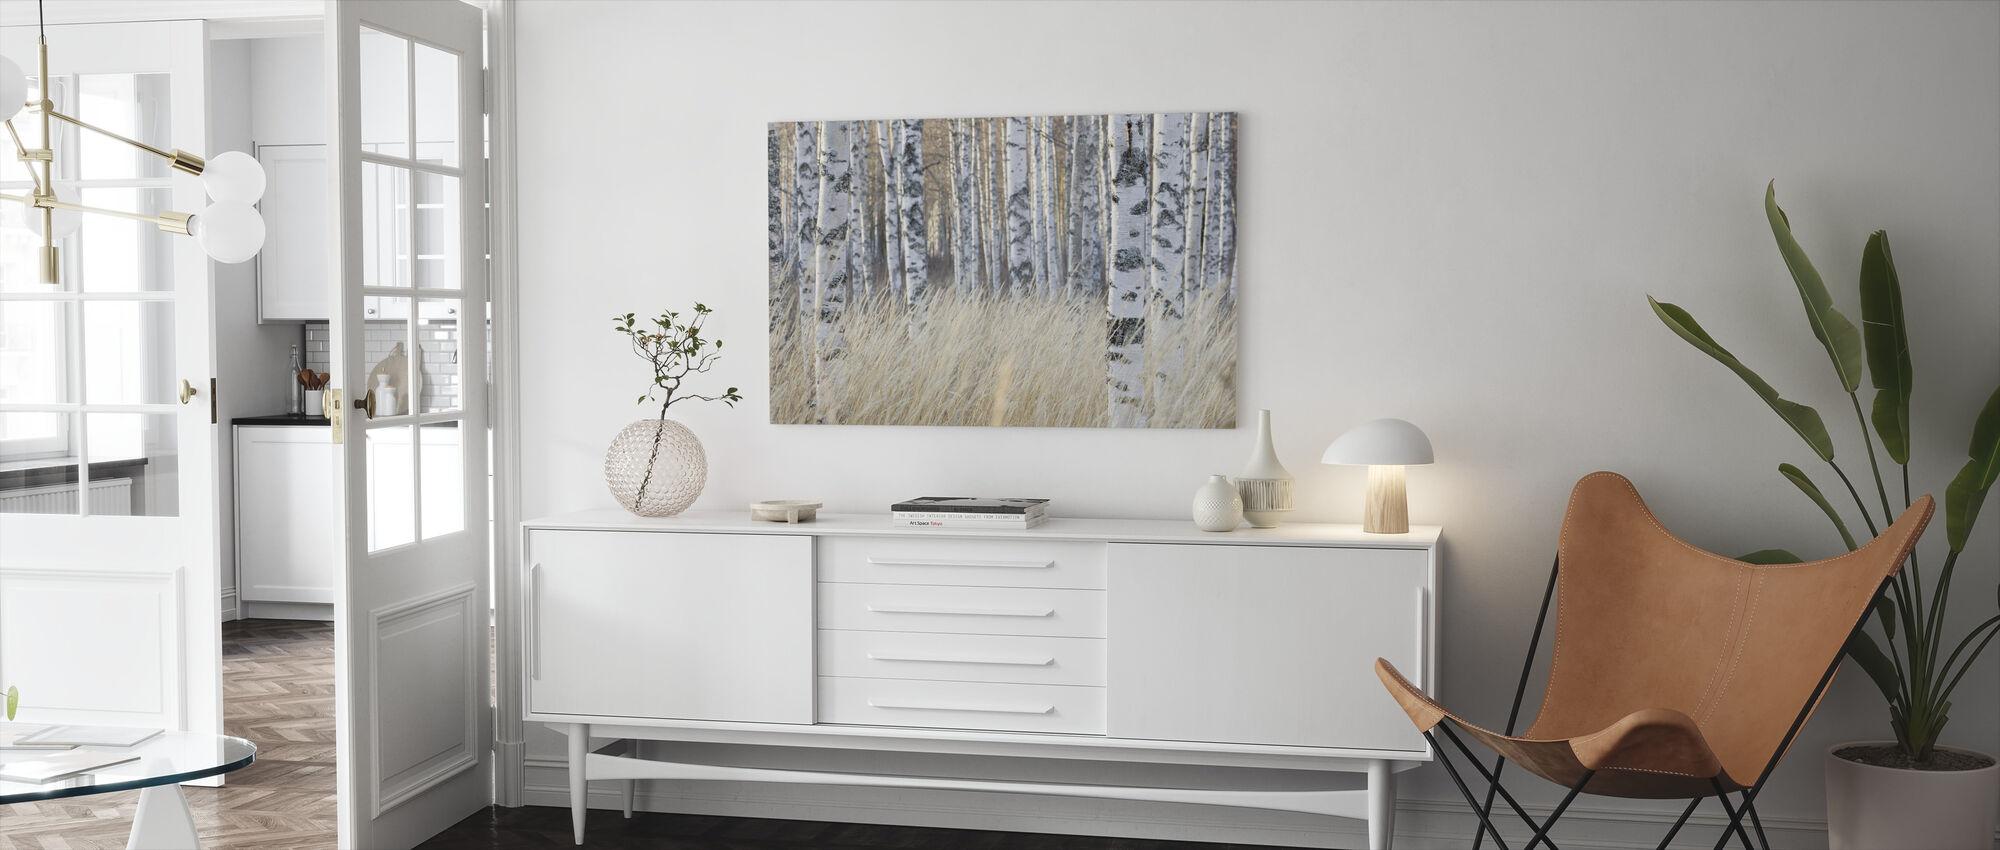 Lys Birkeskov - Billede på lærred - Stue